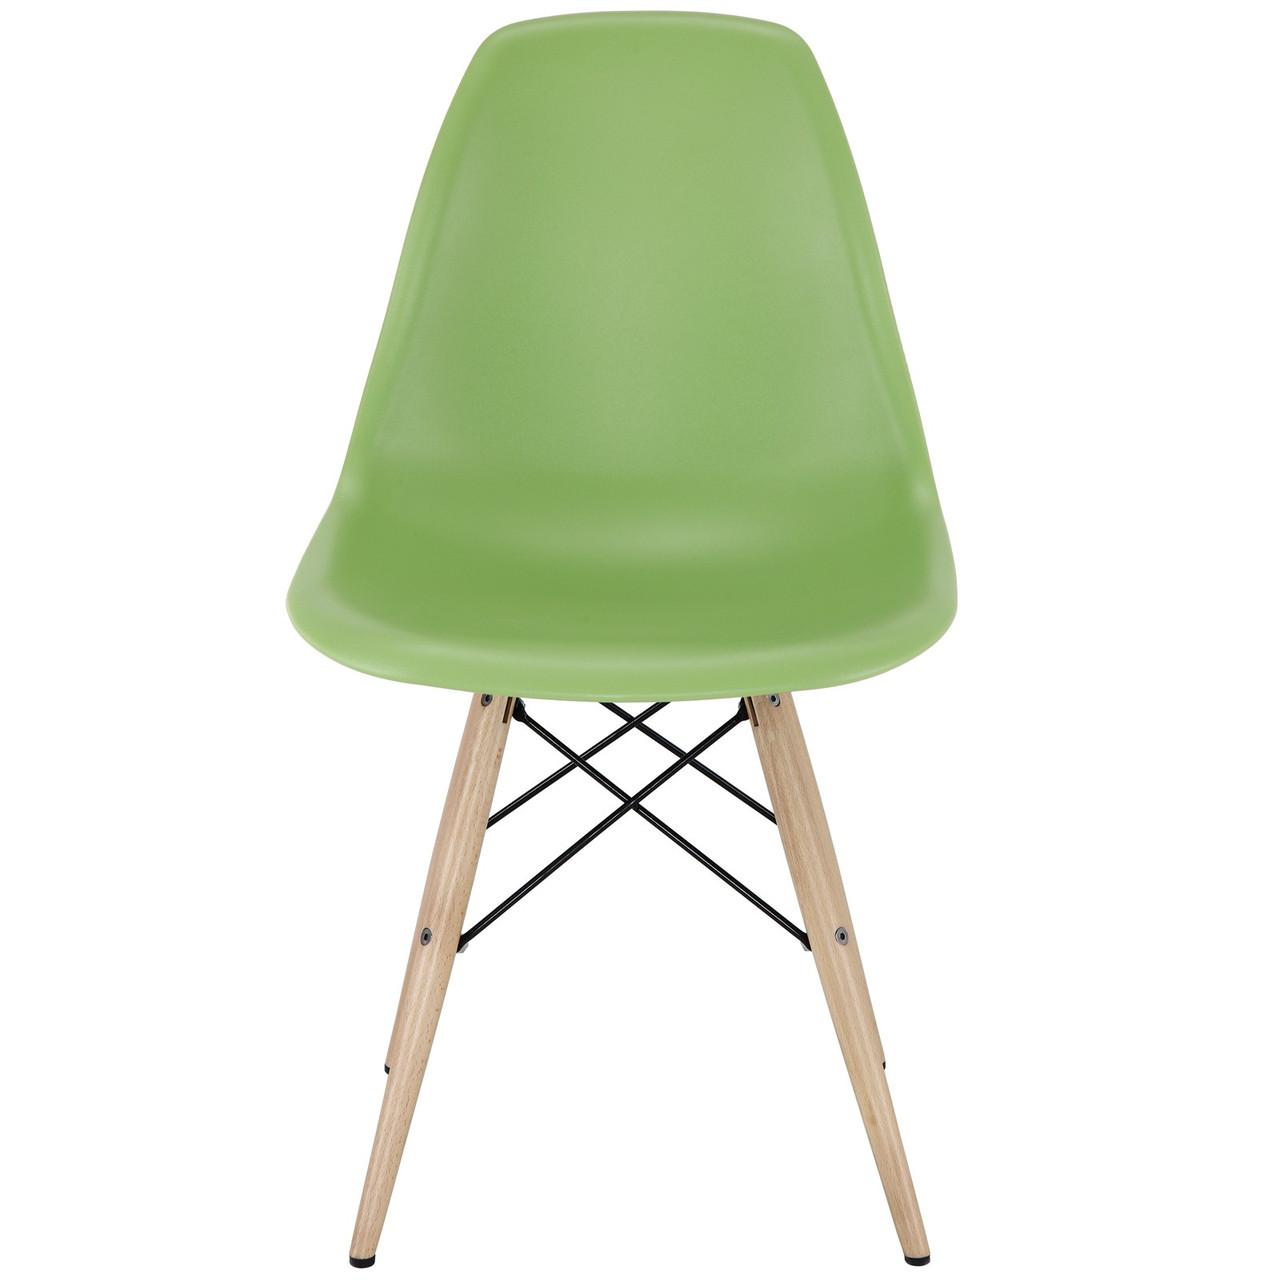 Стул Тауэр Вуд SDM, пластиковый,  ножки дерево бук, цвет зеленый